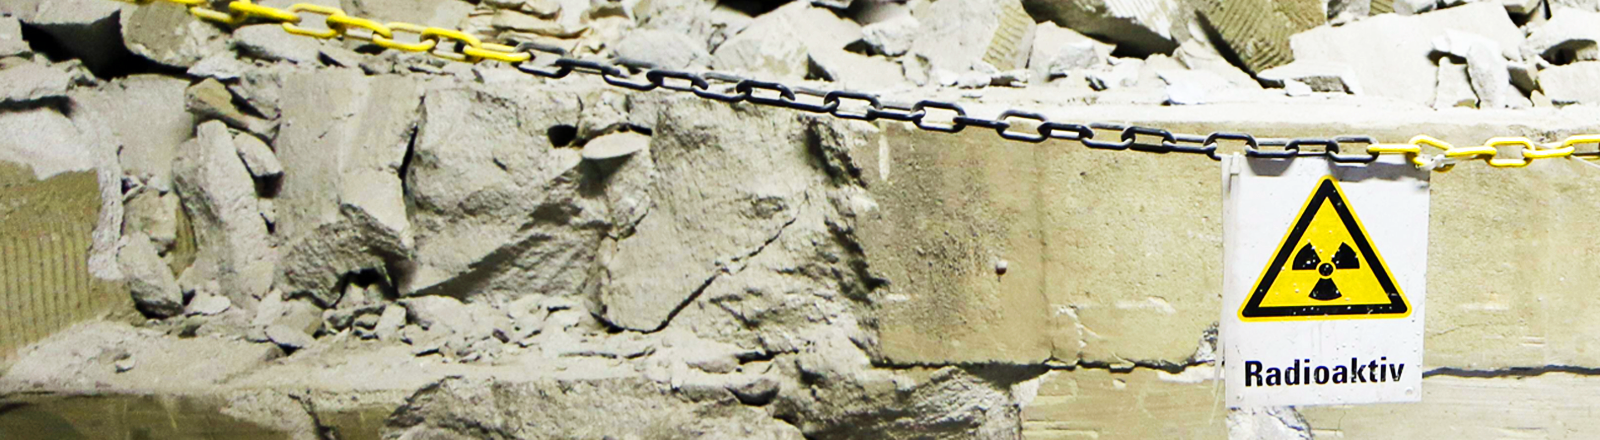 Ein Schild mit der Aufschrift Radioaktiv hängt in einem Stollen der Schachtanlage Asse II.